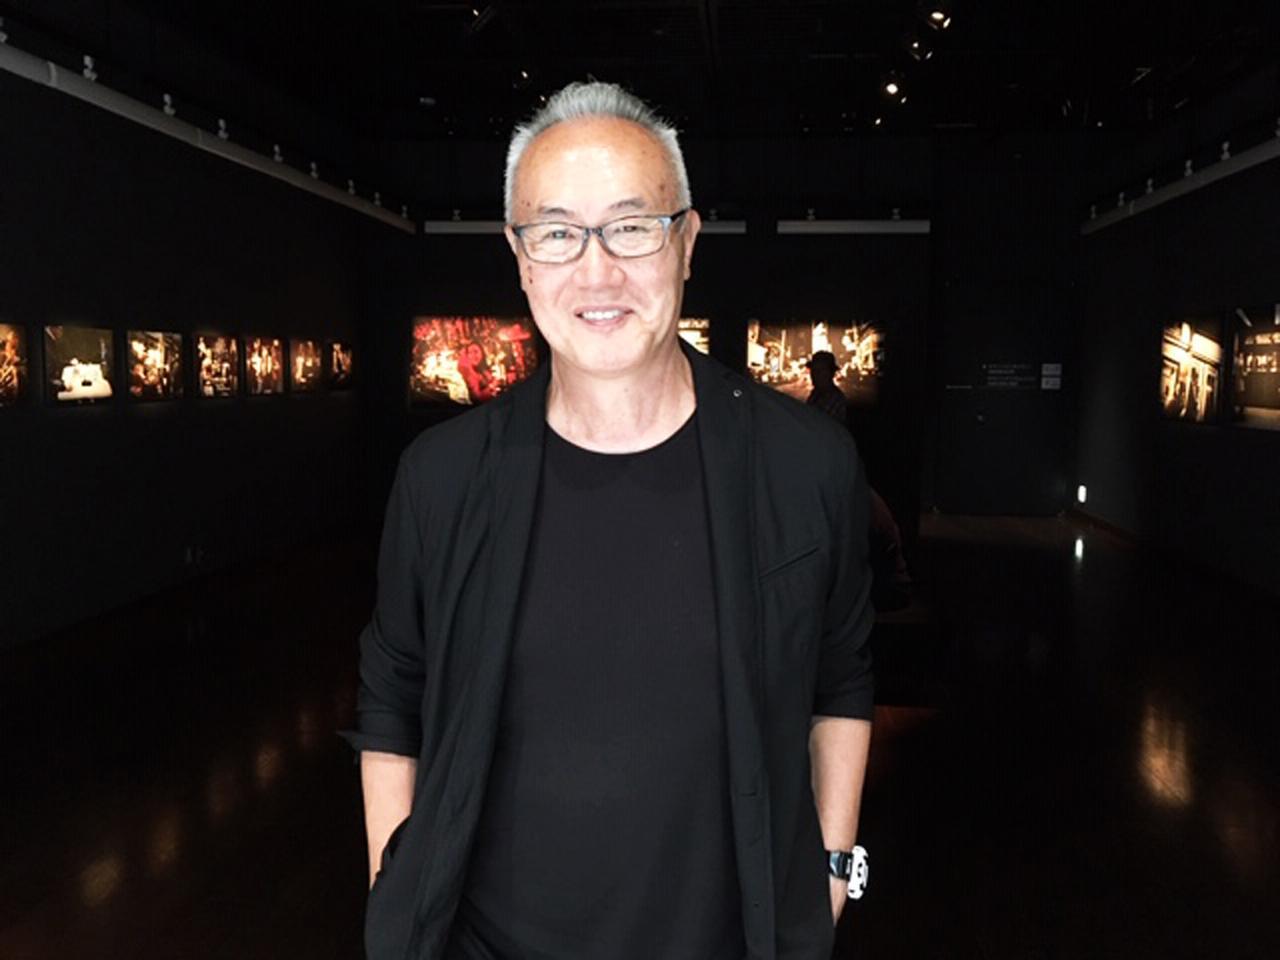 画像1: 山口晴久写真展『都市彷徨』。山口氏は、大阪府立成城高校の写真部顧問をされており、これまで何度も個展を開催しています。